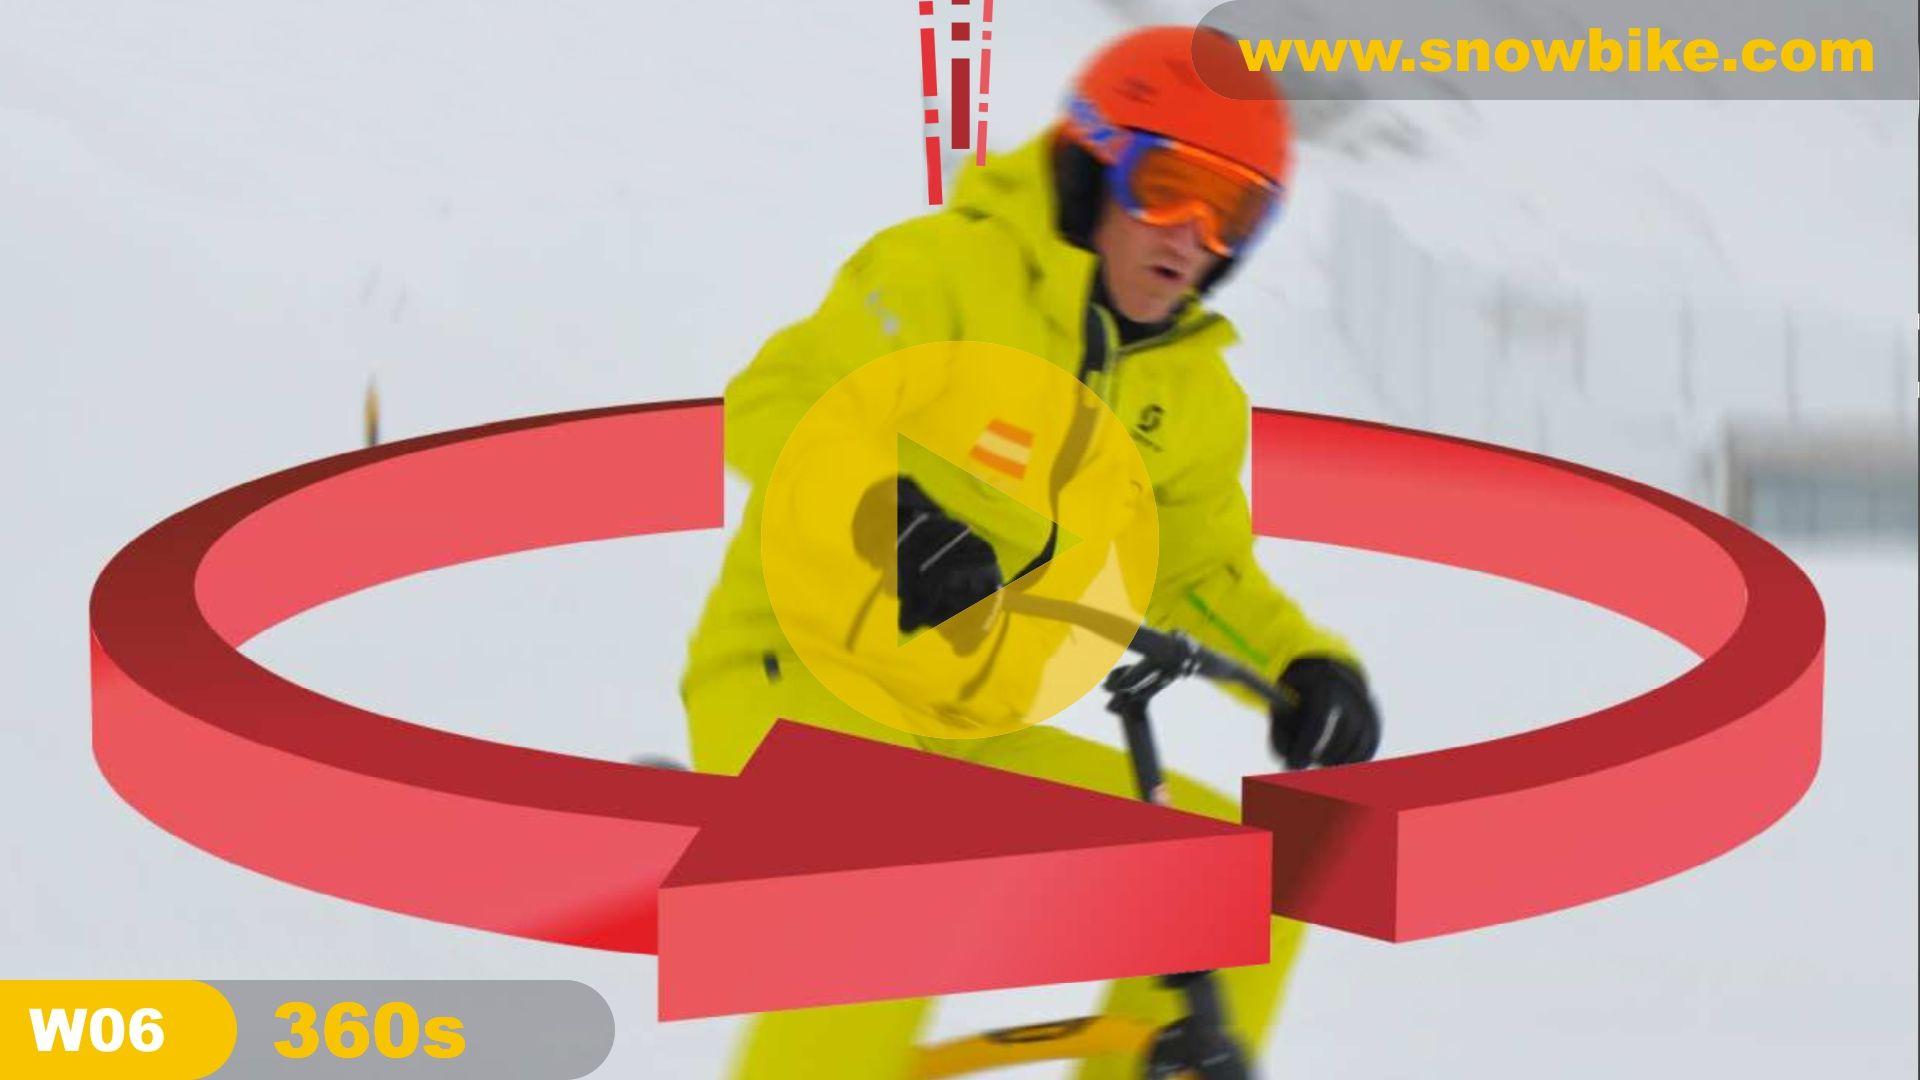 brenter-snowbike-official-guinness-world-record-360s-cover4F653000-7262-8E43-10D8-EAD6AE868460.jpg